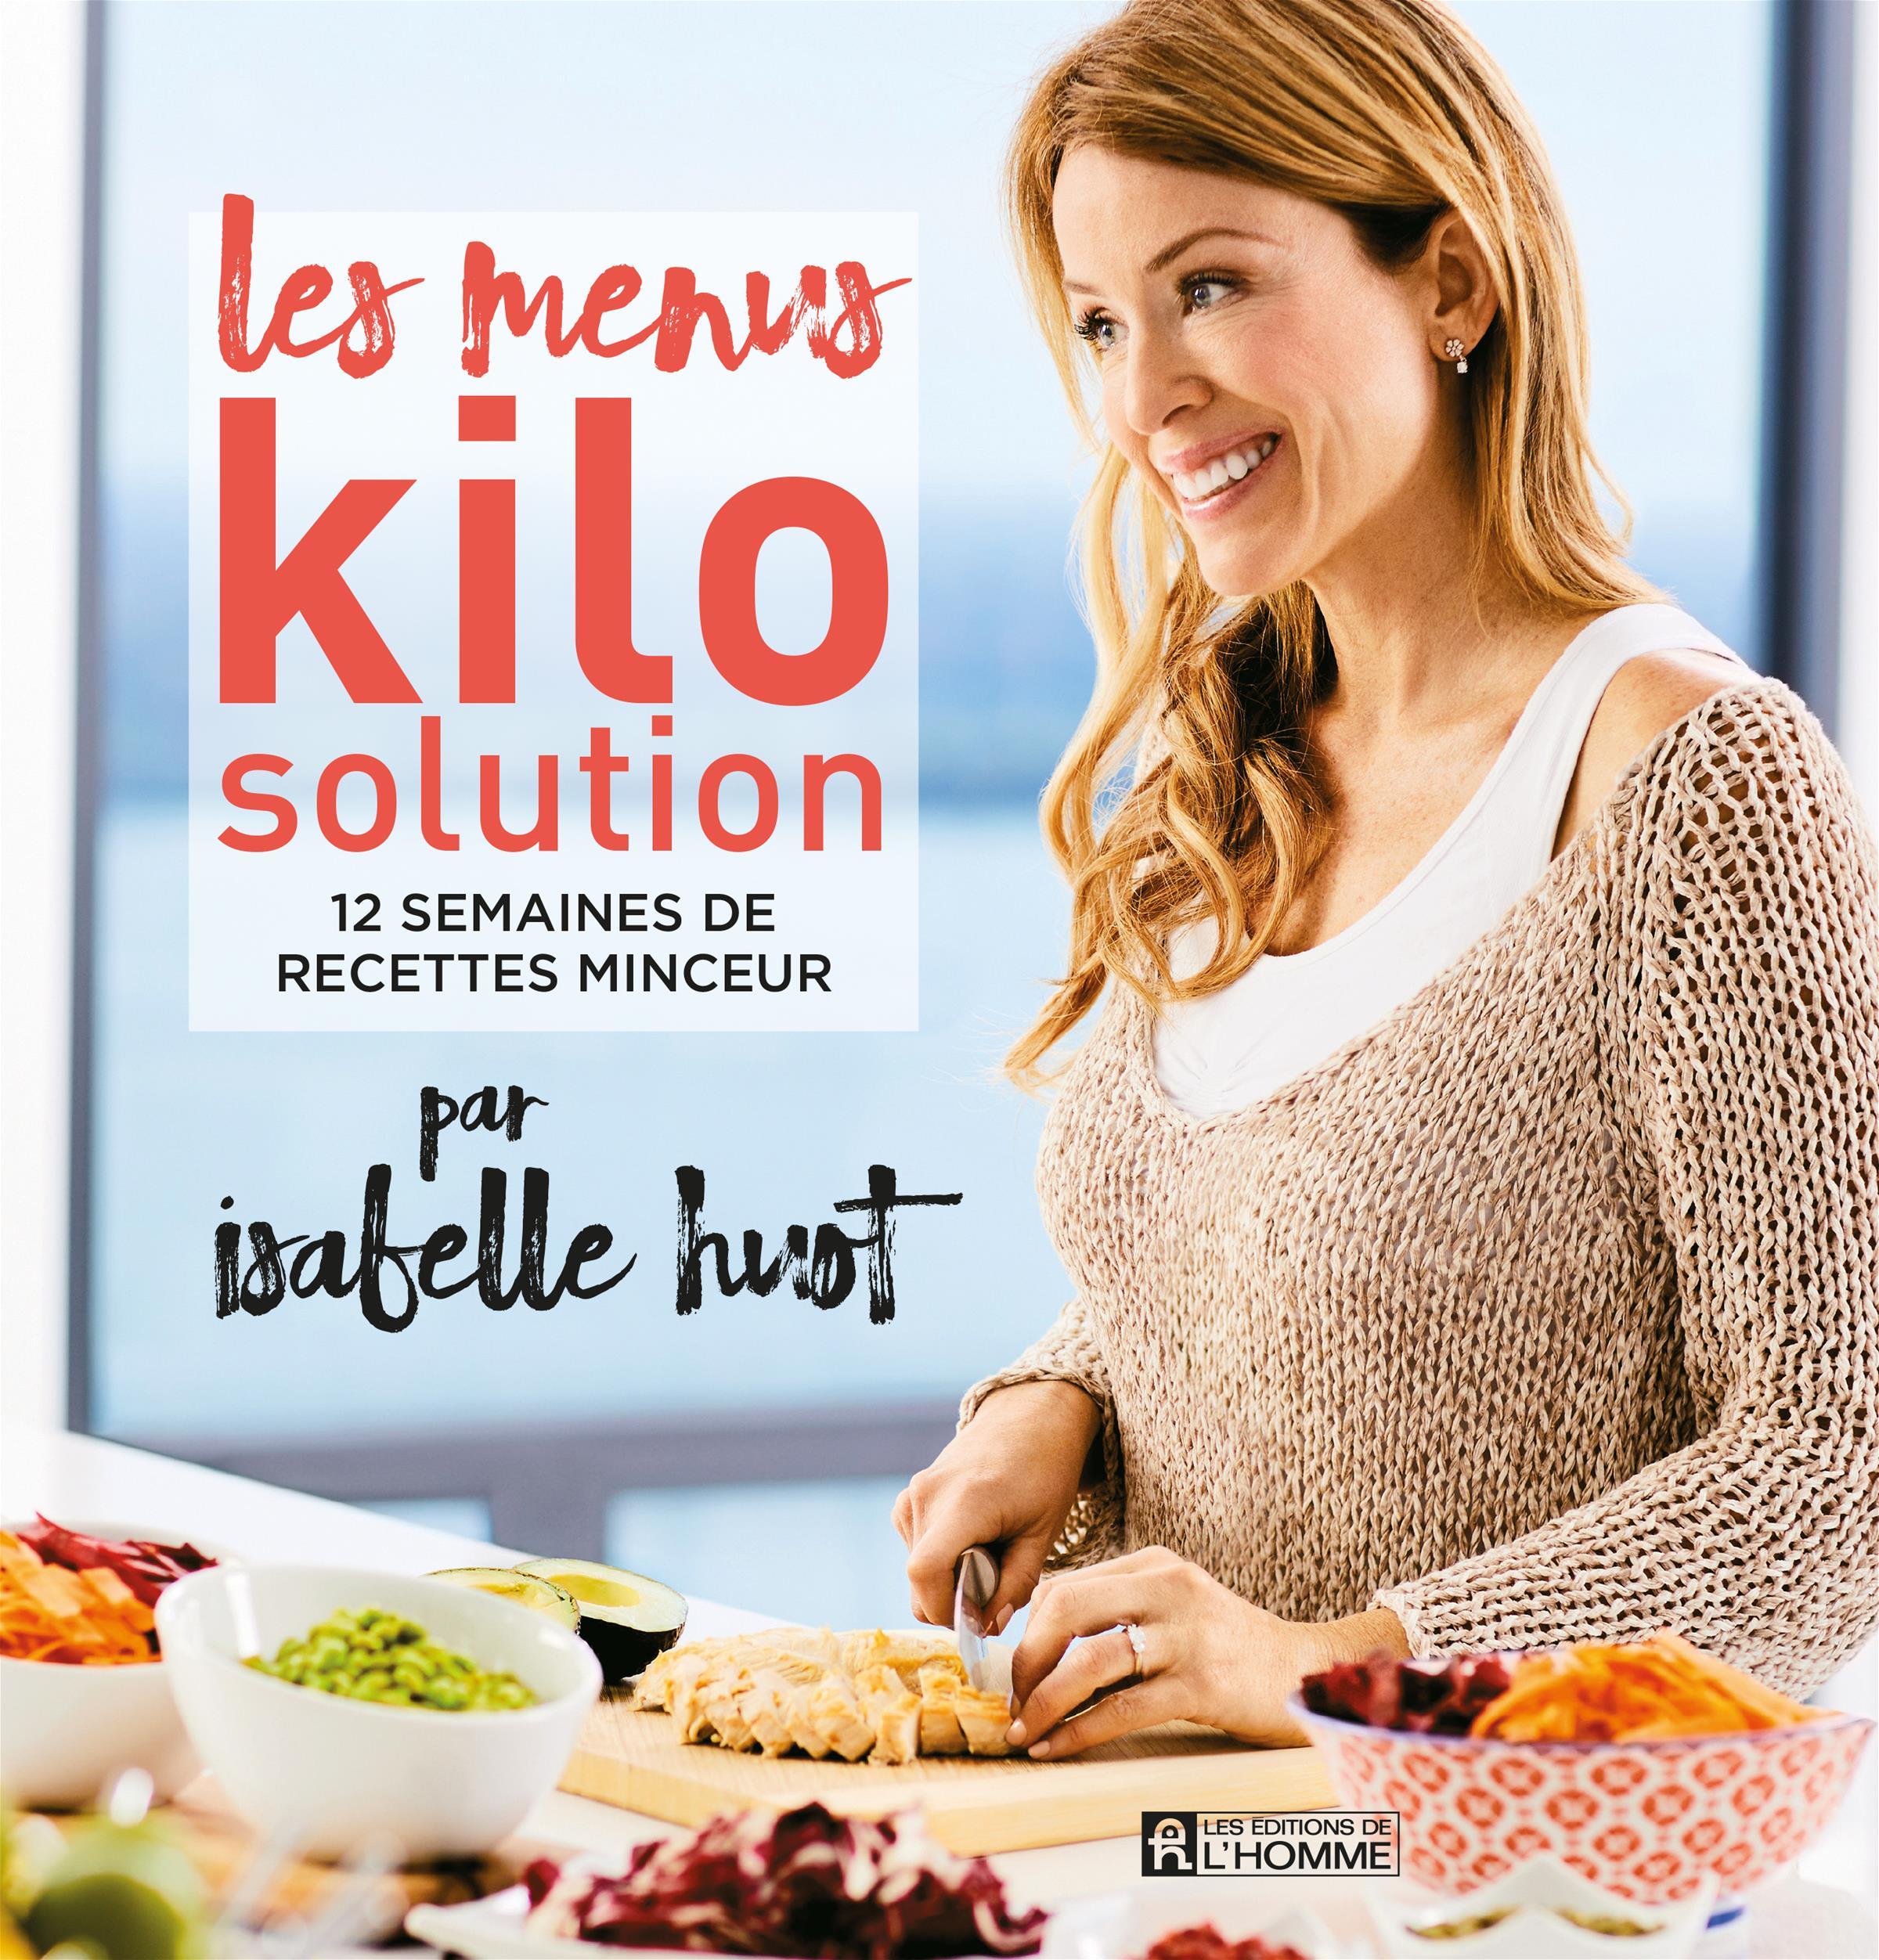 Les Menus Kilo solution: 12 semaines de recettes minceur - Isabelle Huot